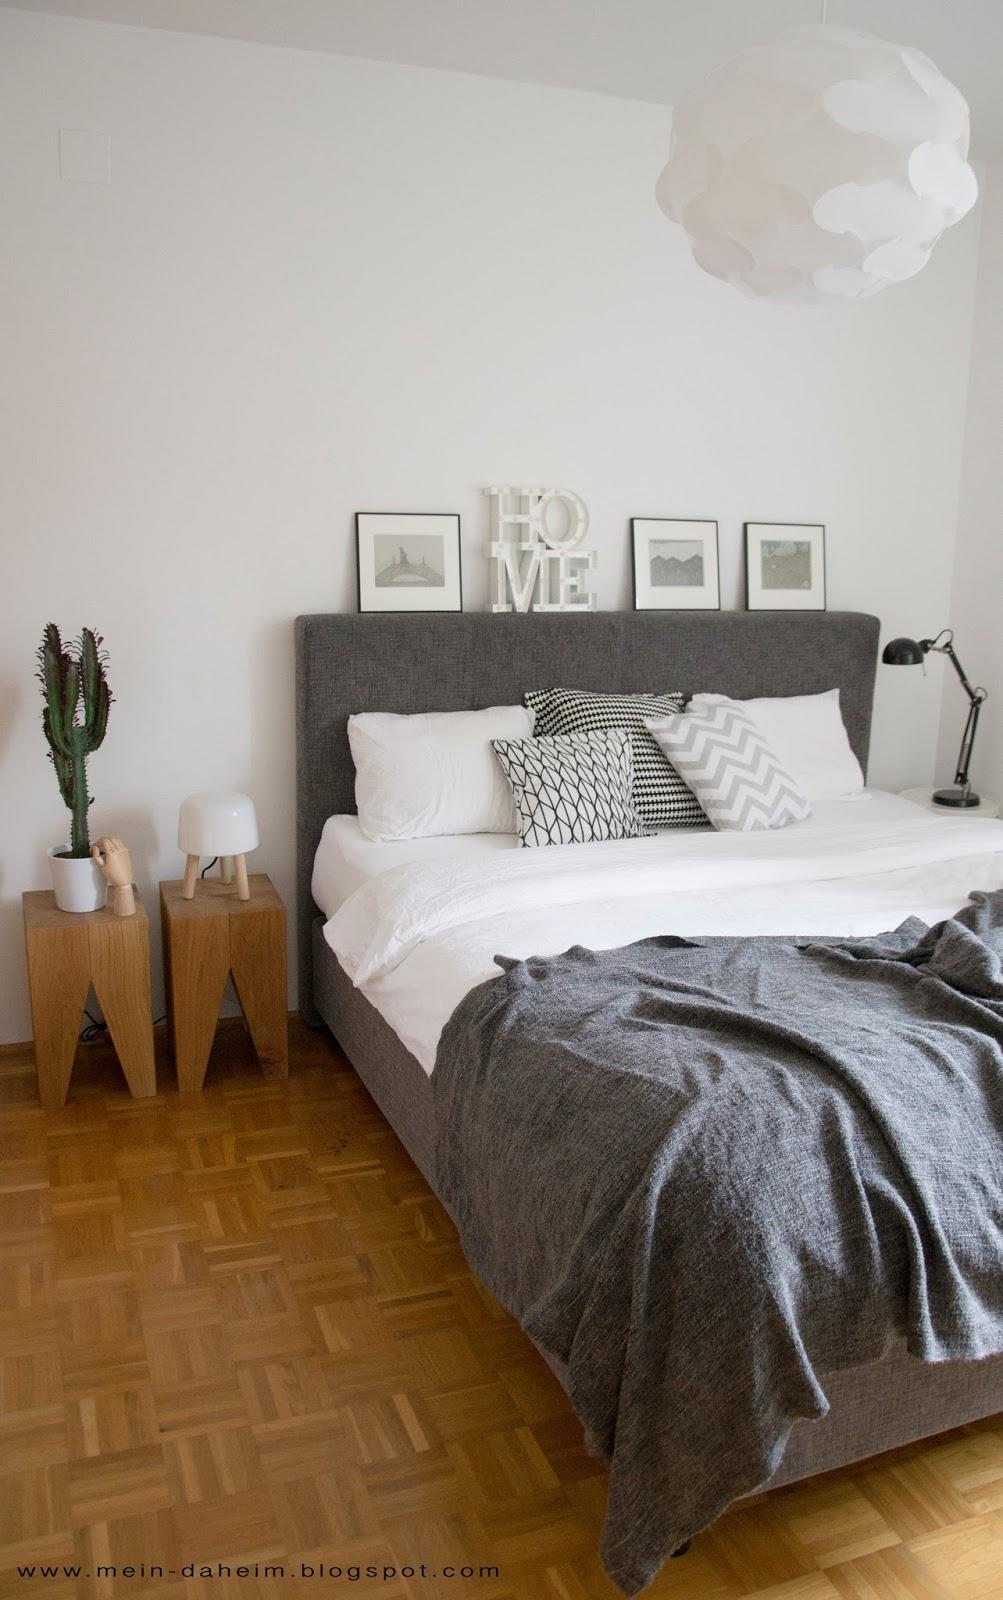 mein-daheim: #interior | Neues aus dem Schlafzimmer